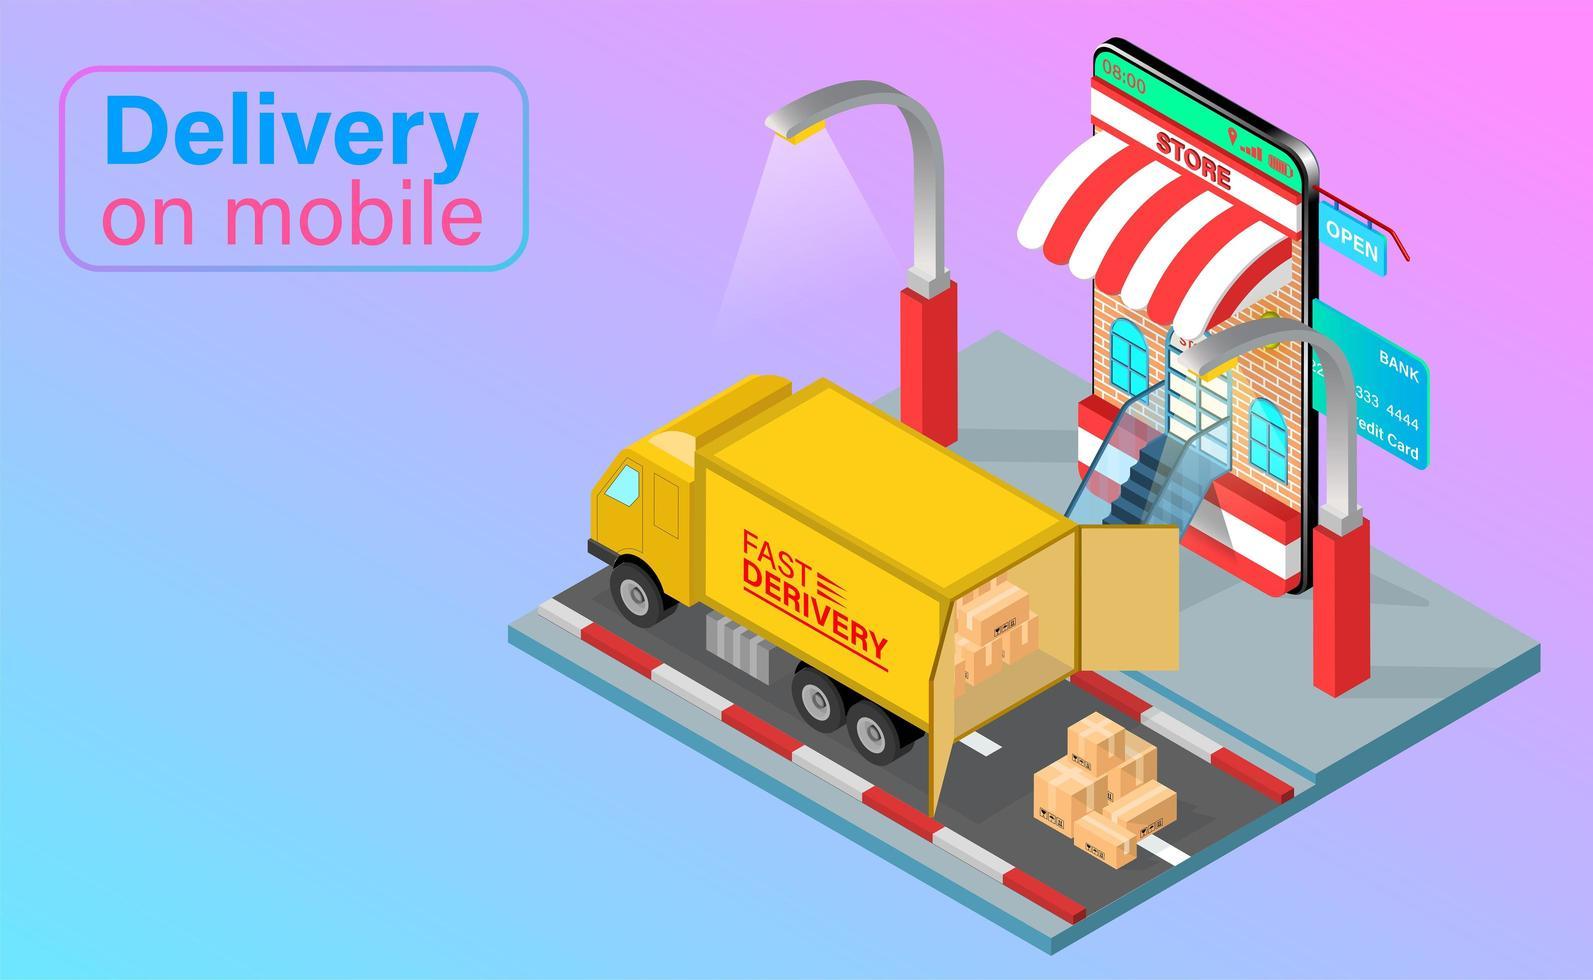 camion di consegna scarico ordine mobile vettore